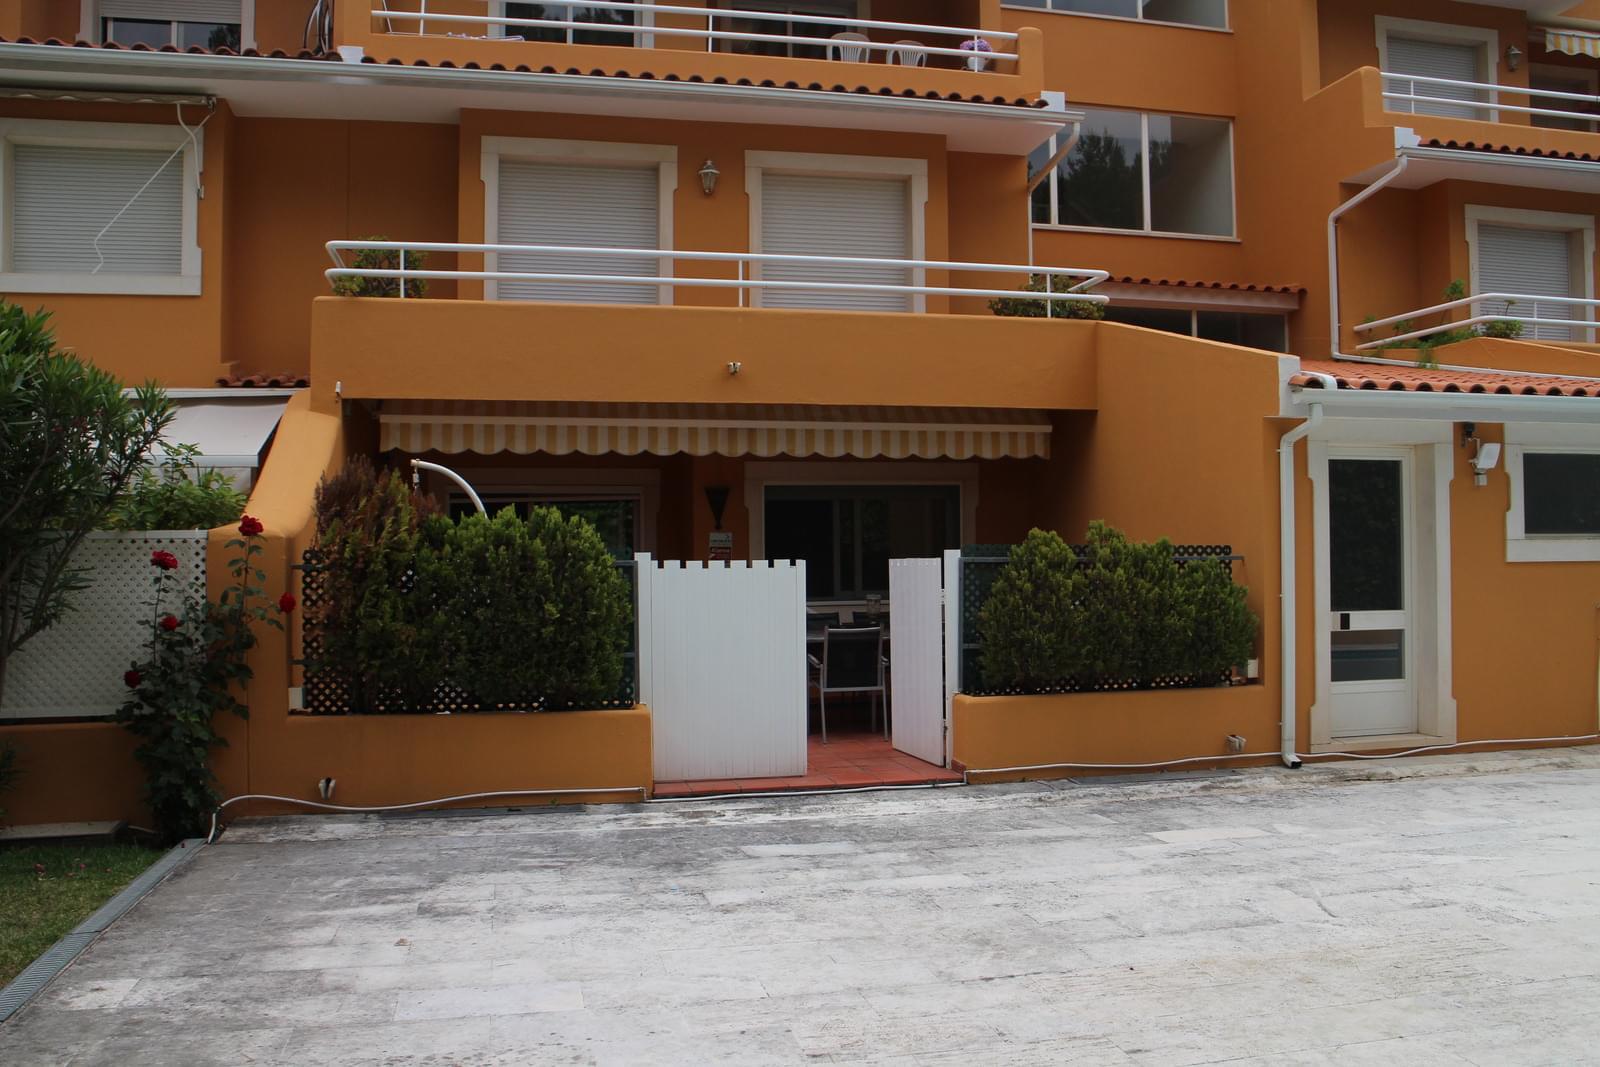 pf17538-apartamento-t2-cascais-677c2b16-7ff3-4630-b642-245a020b965e